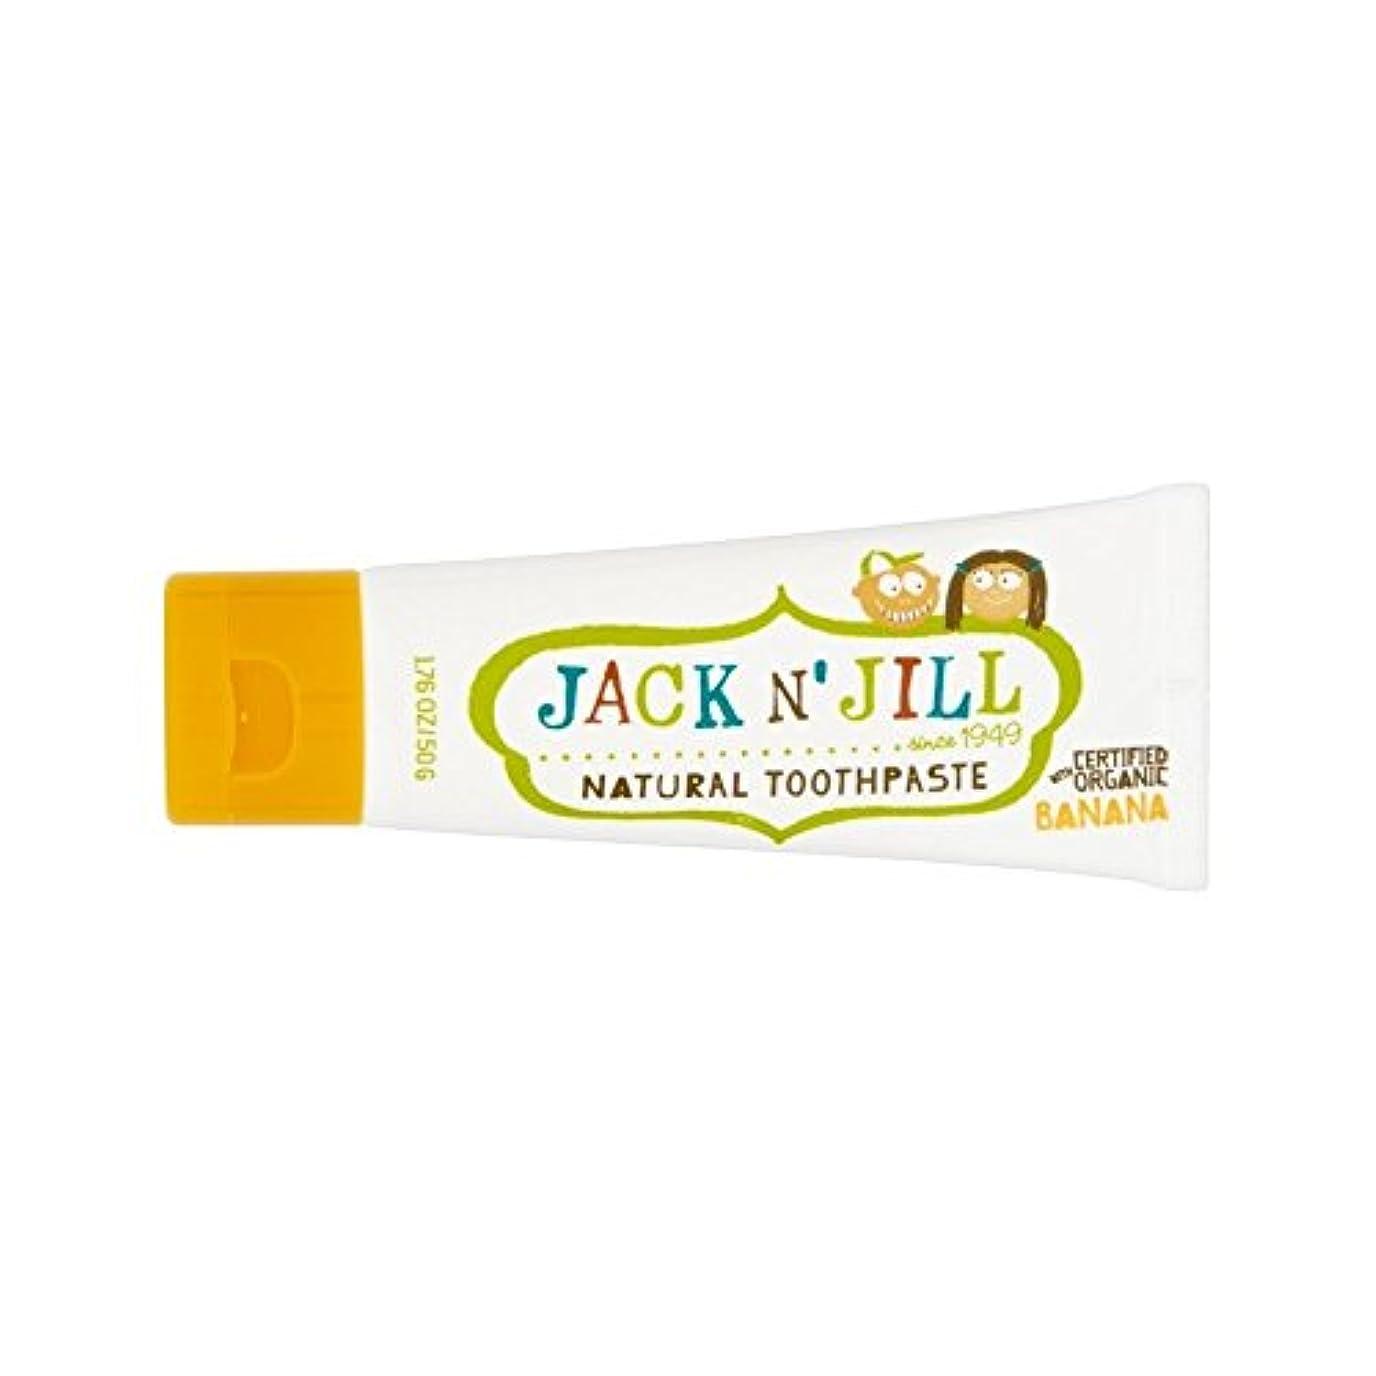 リットル忌避剤従事した有機香味50グラムと自然バナナ歯磨き粉 (Jack N Jill) (x 6) - Jack N' Jill Banana Toothpaste Natural with Organic Flavouring 50g (Pack of 6) [並行輸入品]